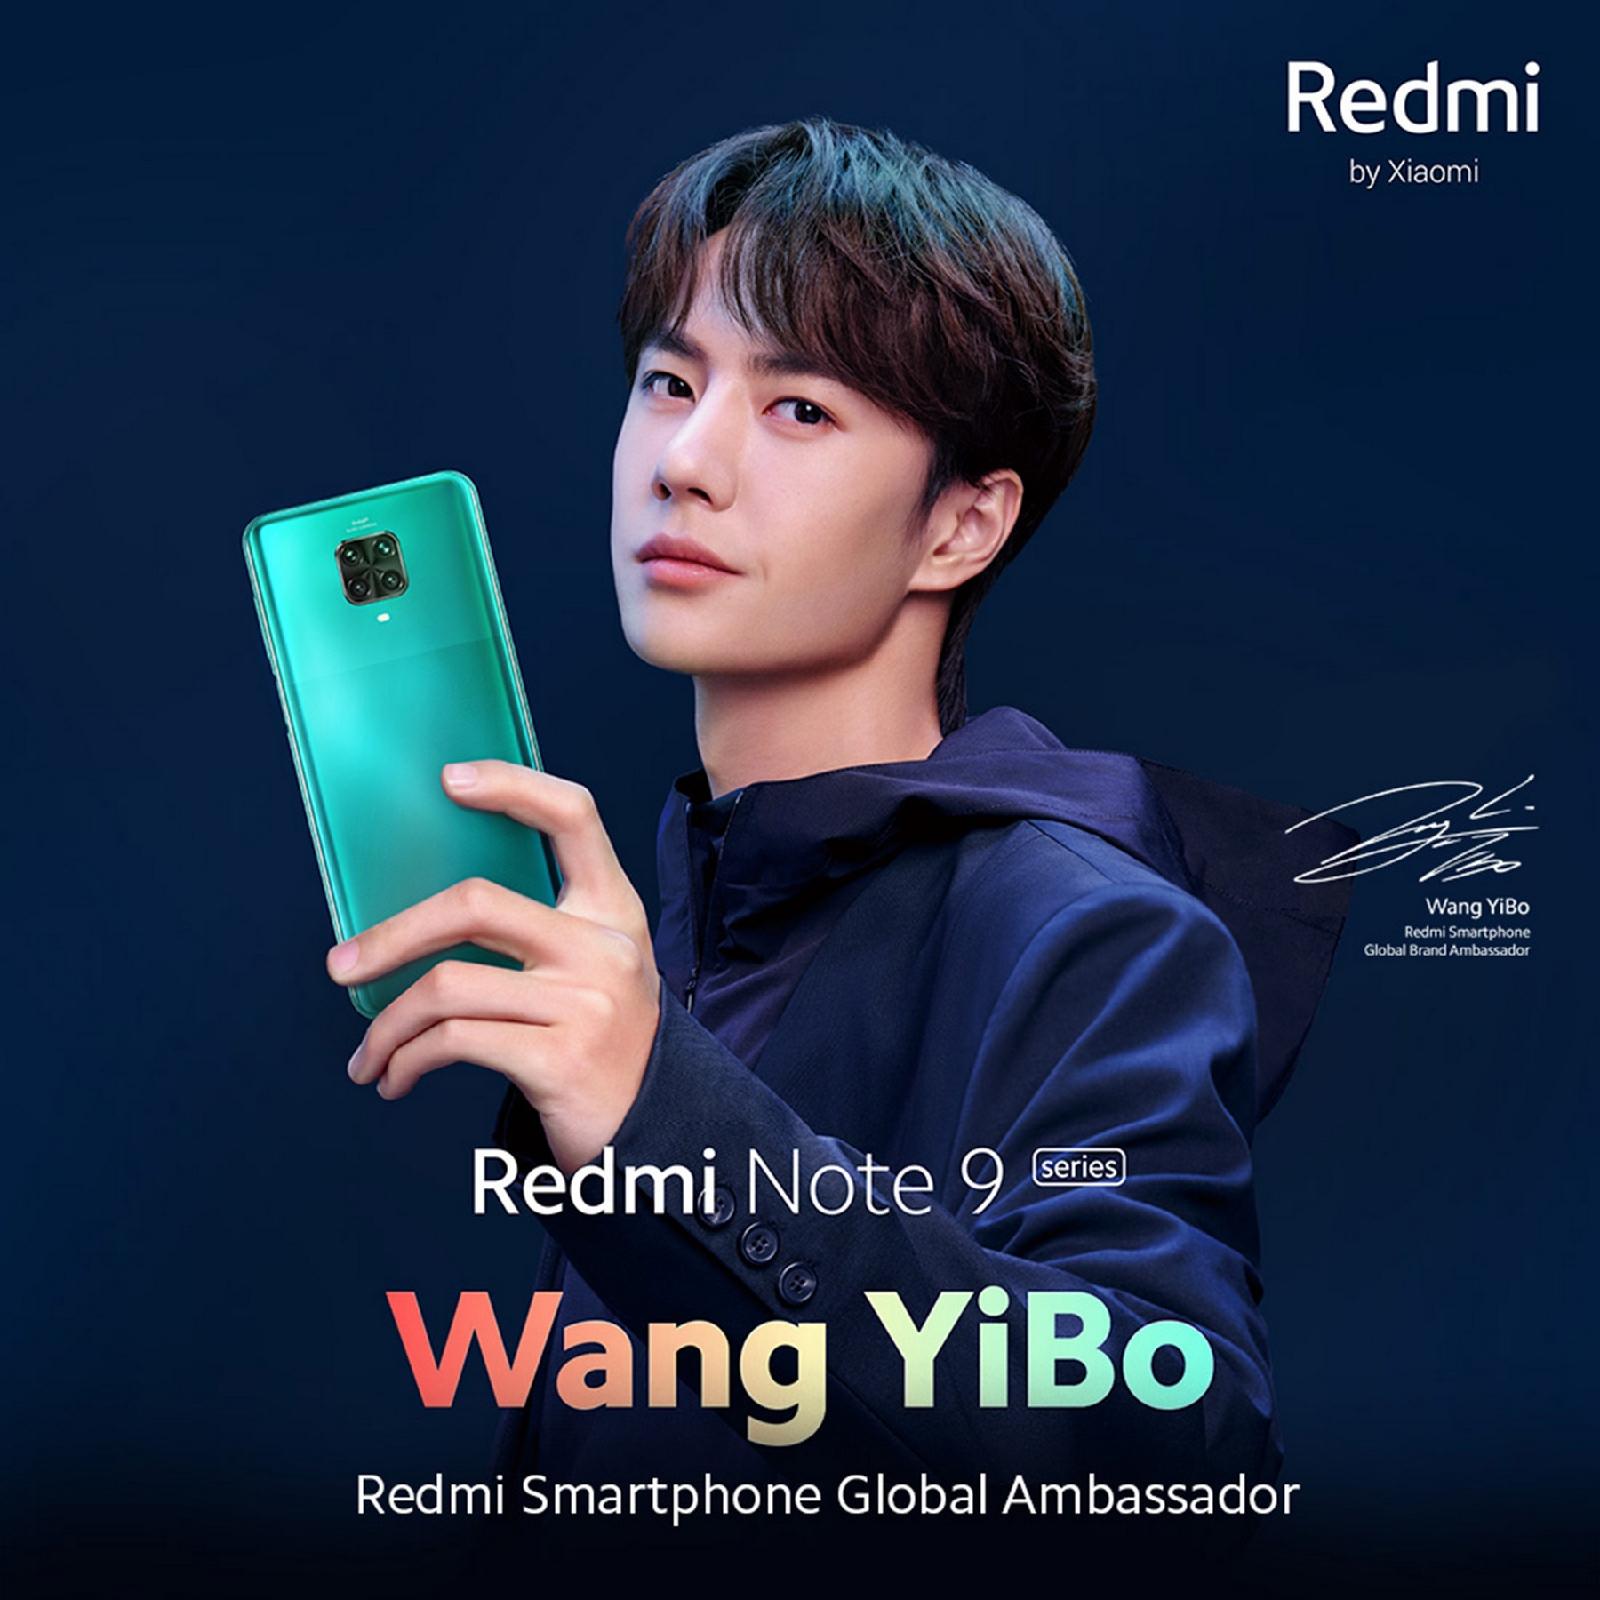 """สมการรอคอยและไม่ต้องลุ้นอีกต่อไป! วันนี้เสียวหมี่ ประกาศเปิดตัว """"หวัง อี้ป๋อ"""" ไอดอลชาวจีน ในฐานะ Global Brand Ambassador ของสมาร์ทโฟน""""Redmi Smartphone"""""""